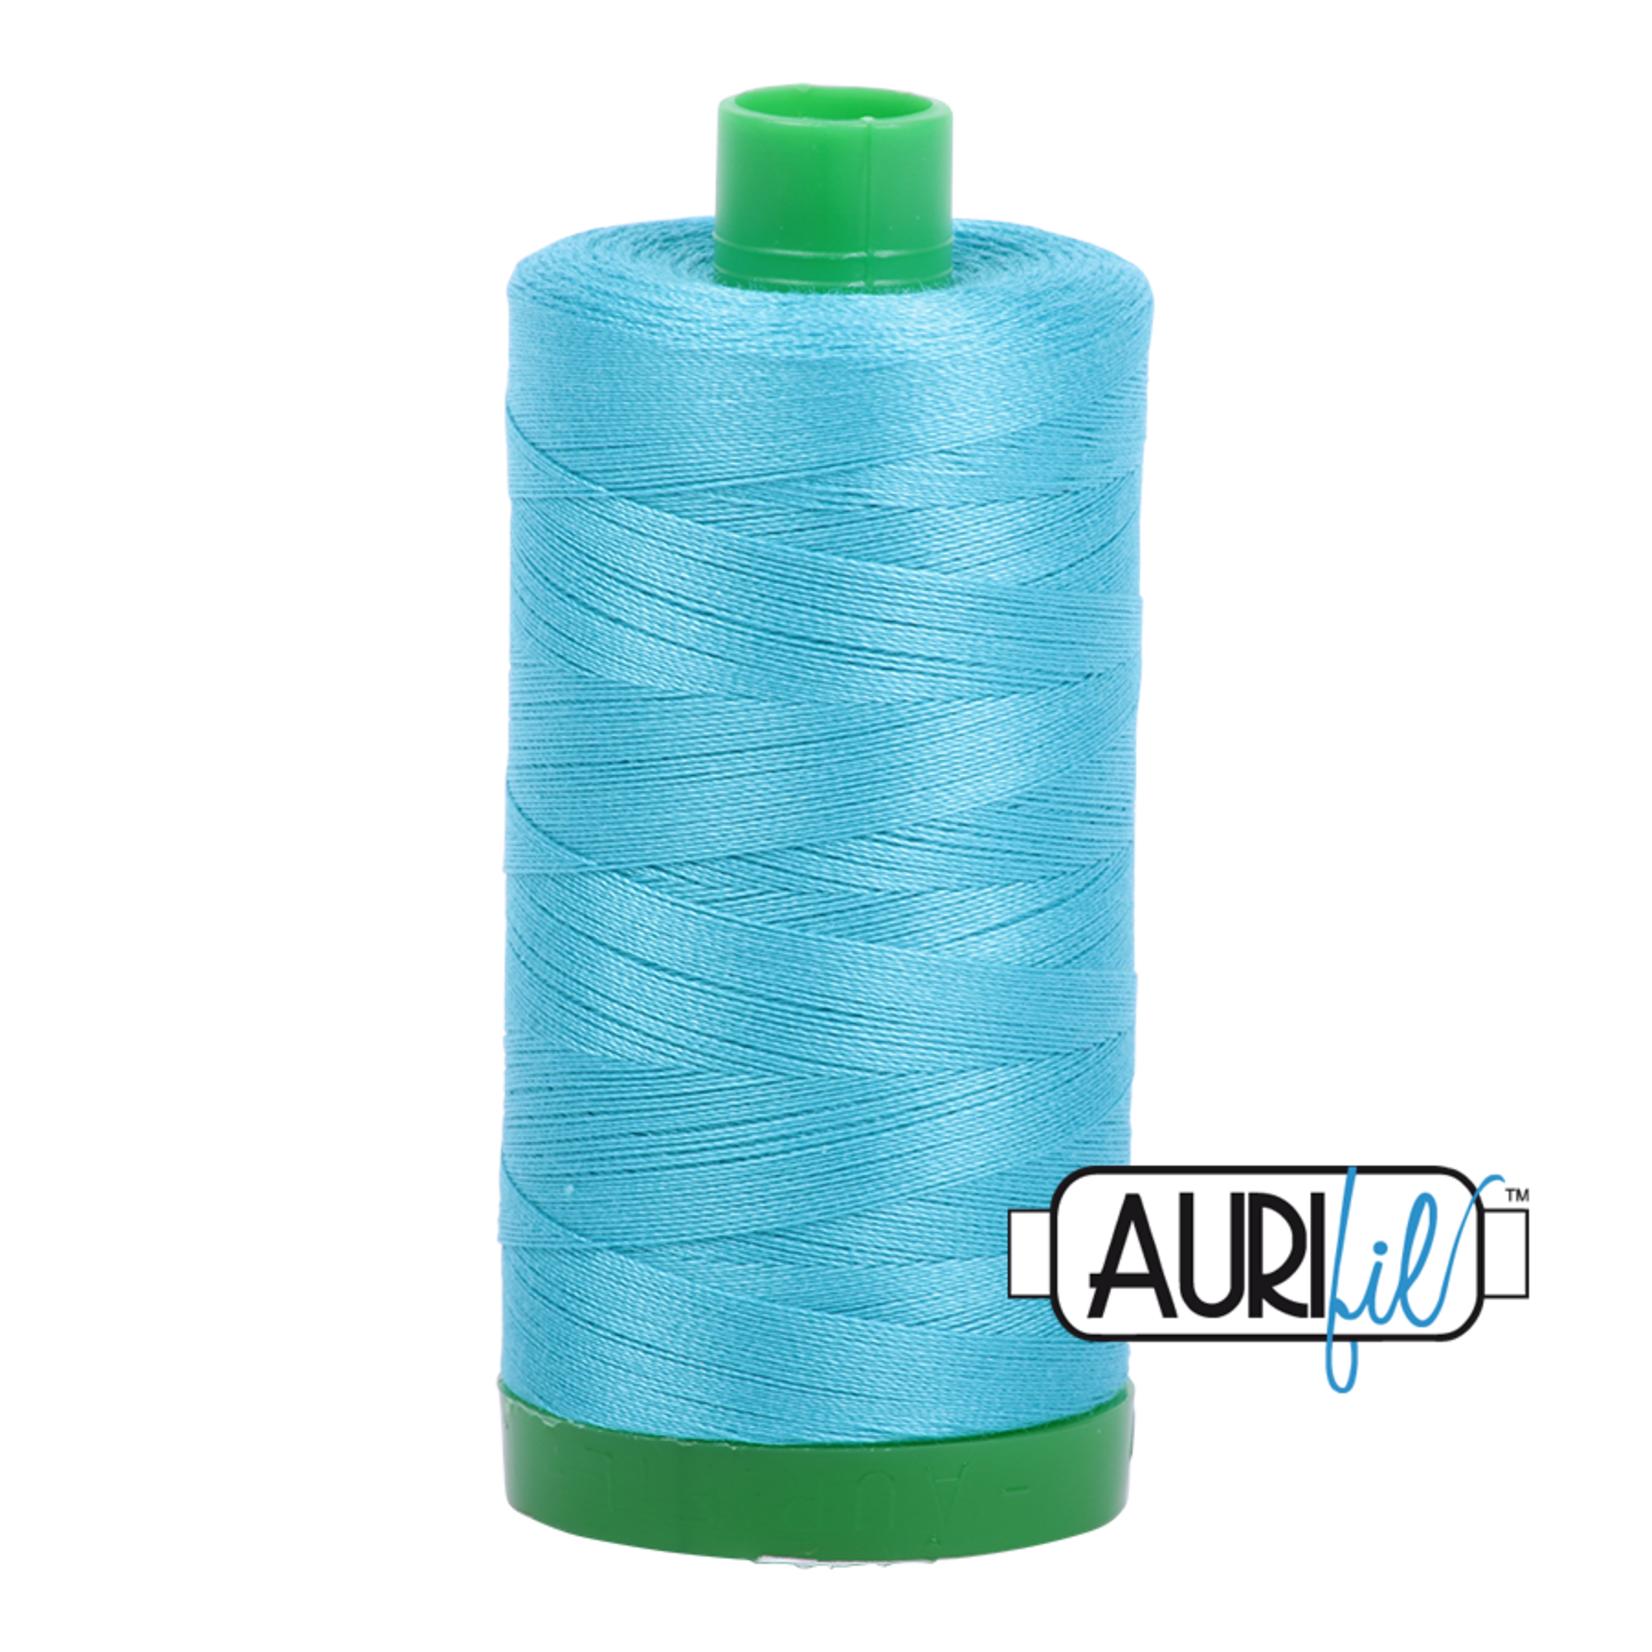 AURIFIL AURIFIL 40 WT Bright Turquoise 5005